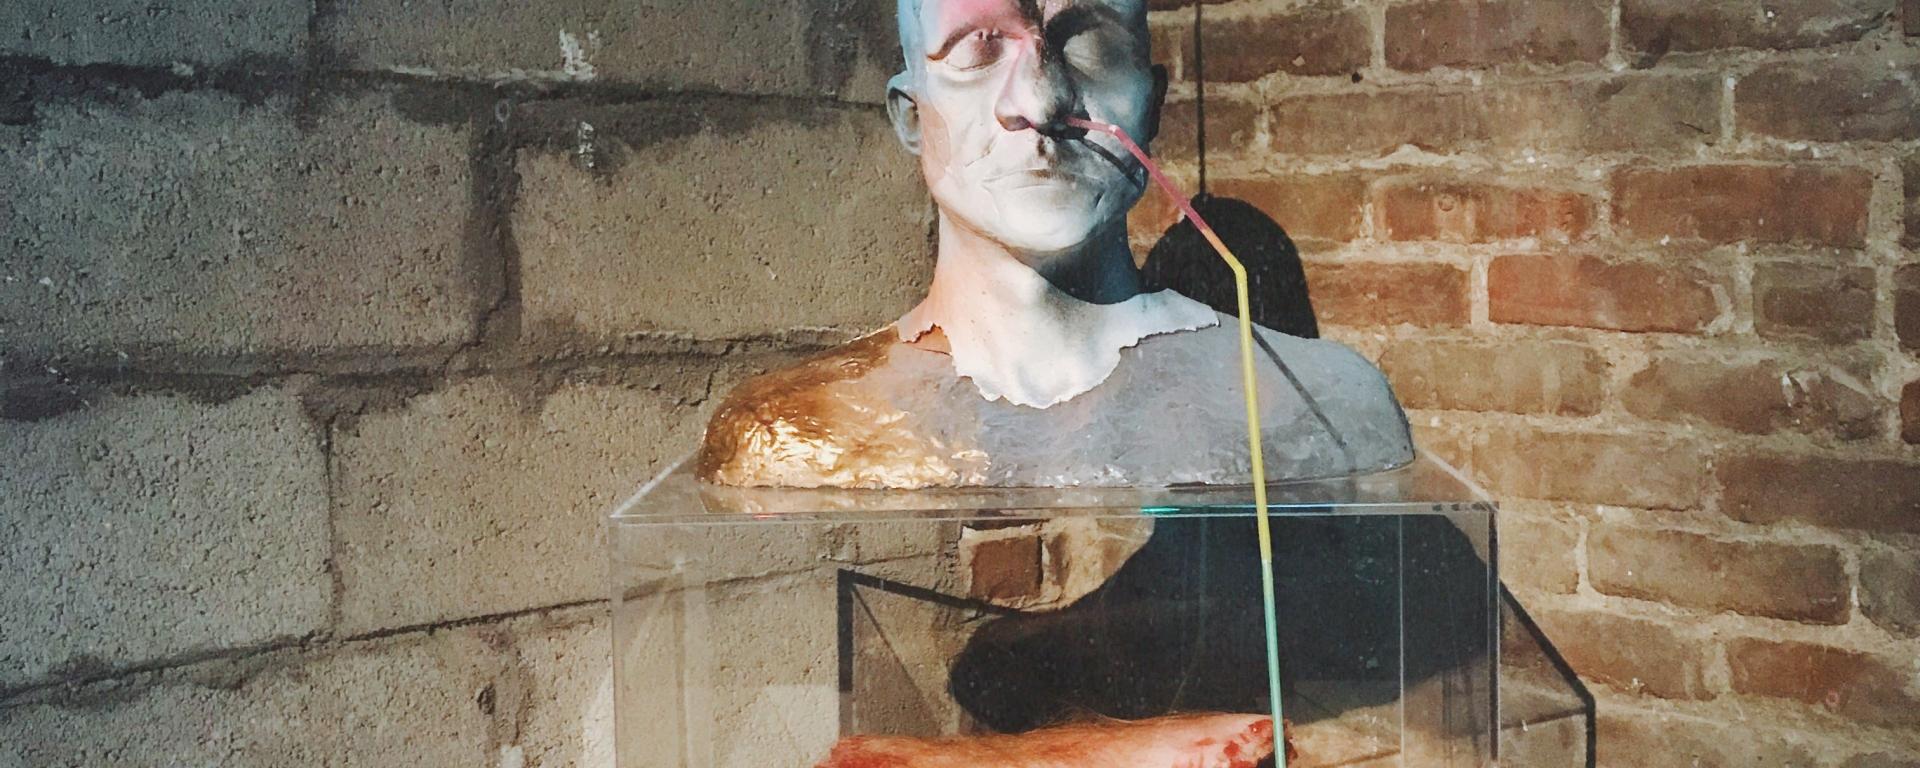 Nathaniel Mellors Q&Art questionsandart